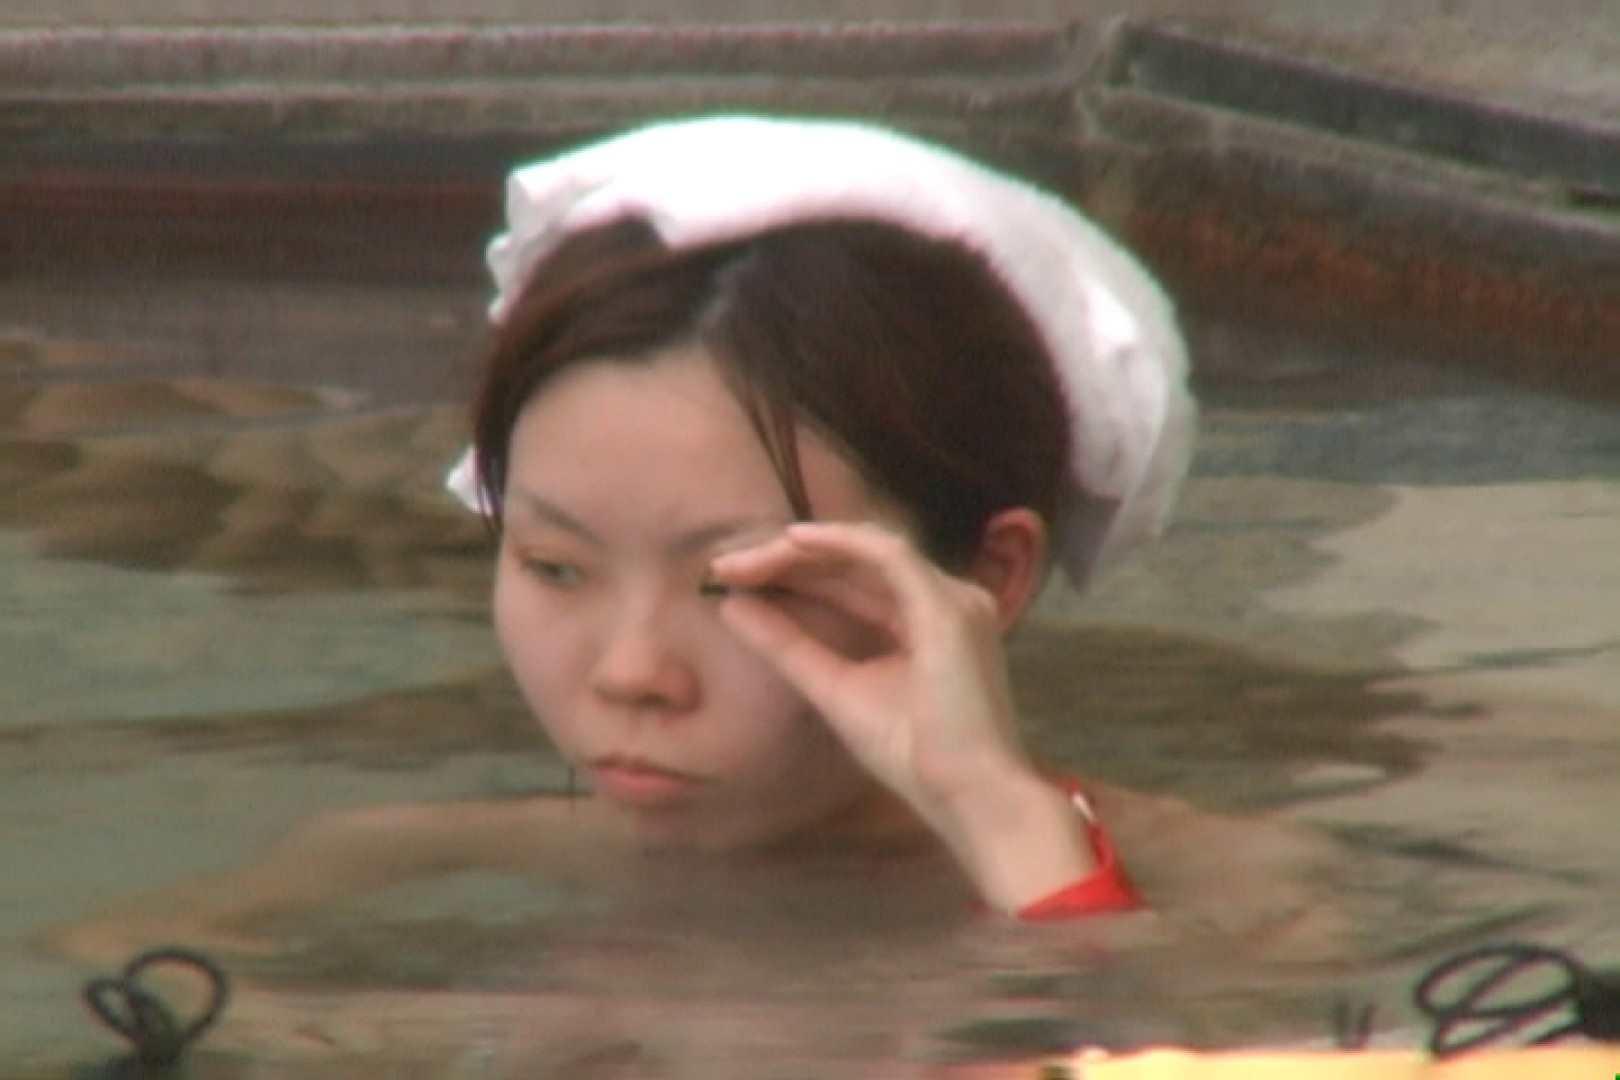 Aquaな露天風呂Vol.580 盗撮師作品 | 美しいOLの裸体  98pic 97